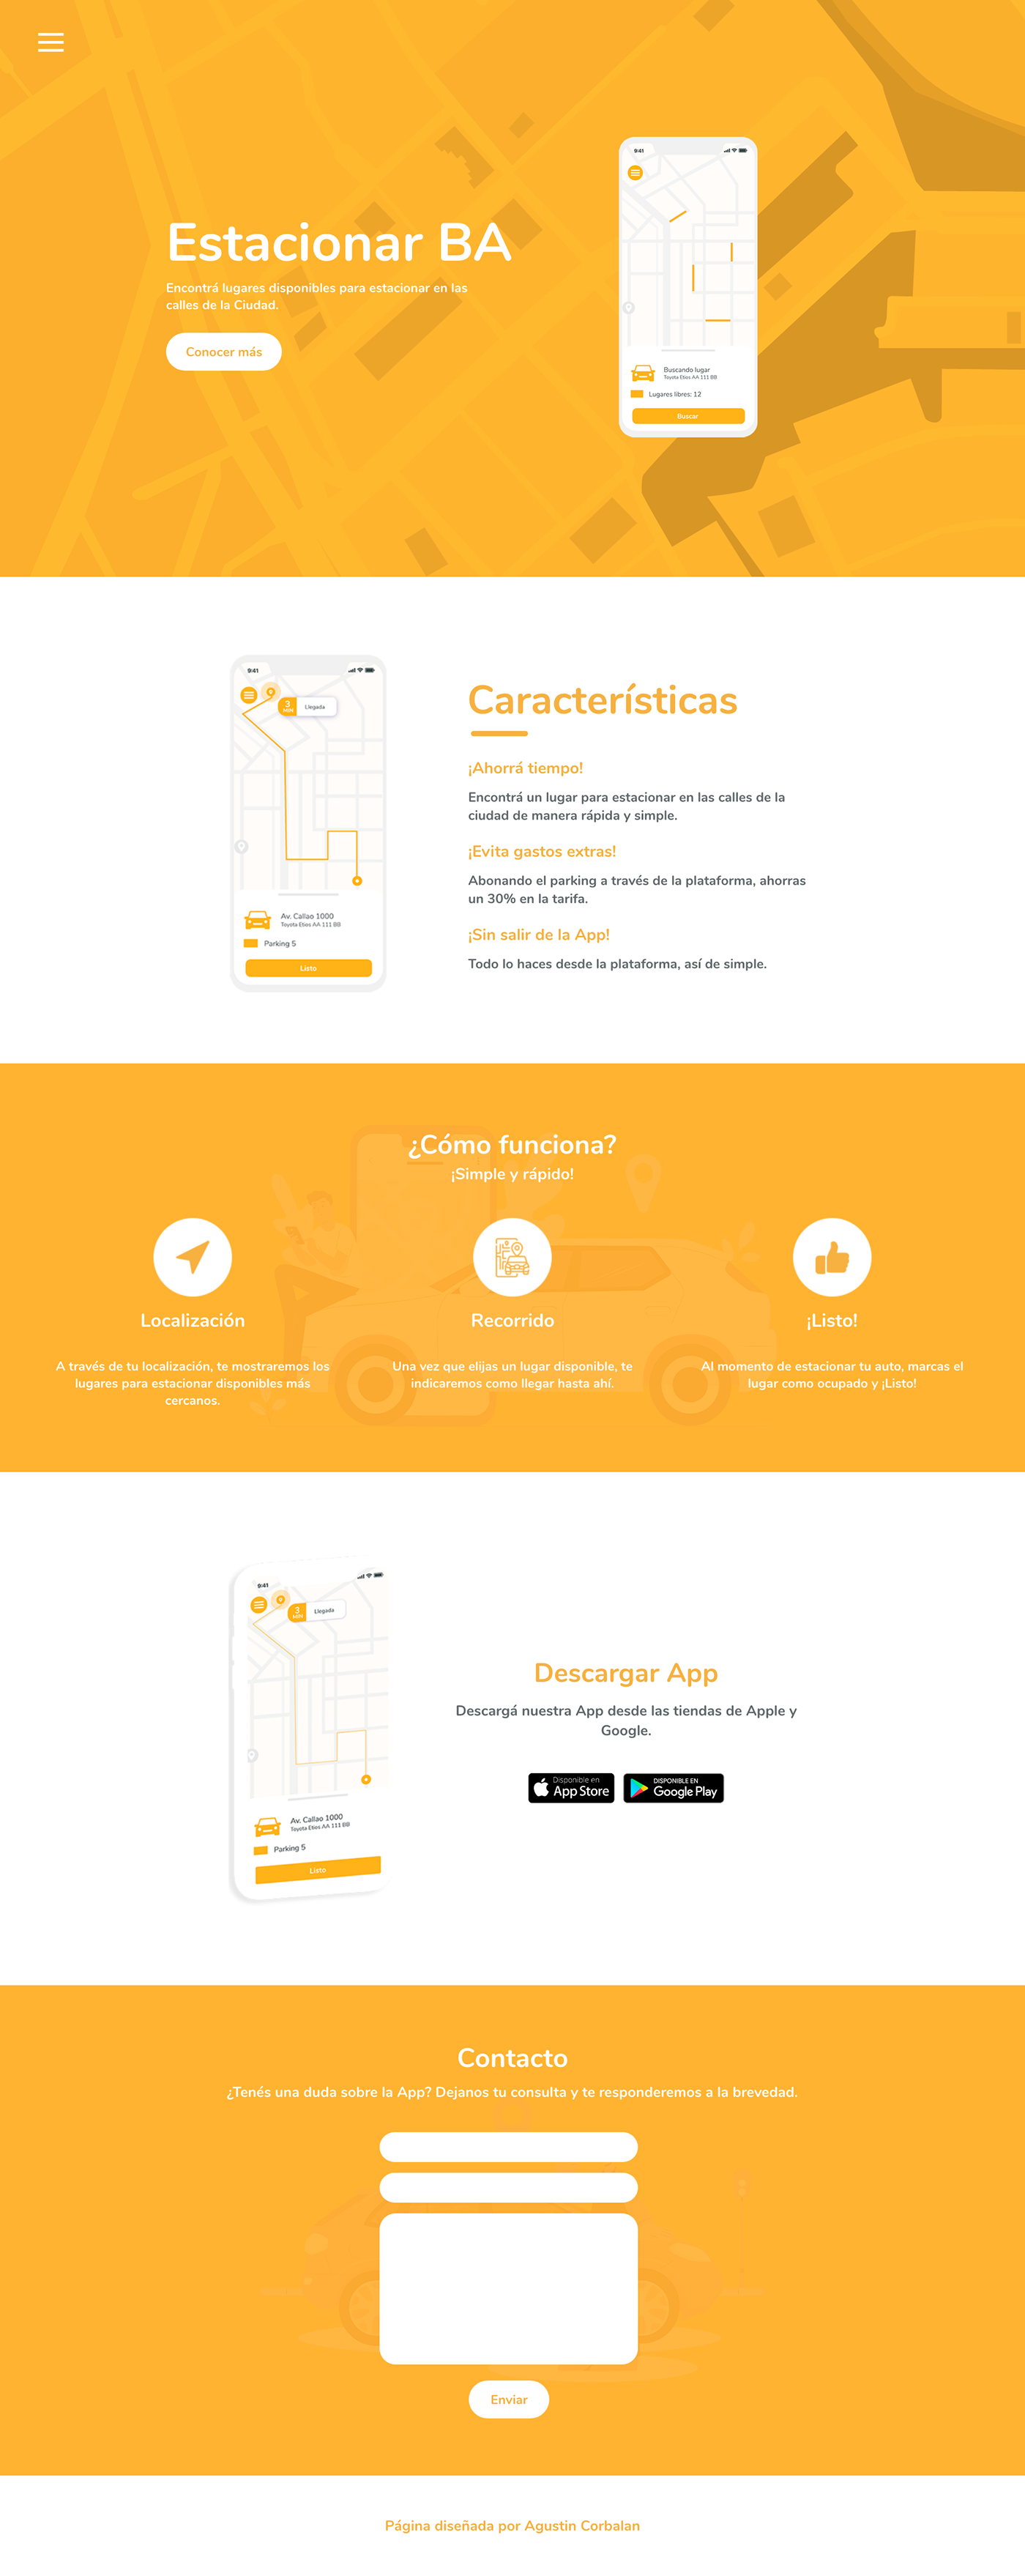 desarrollo web Diseño UI Diseño web UI ux Web